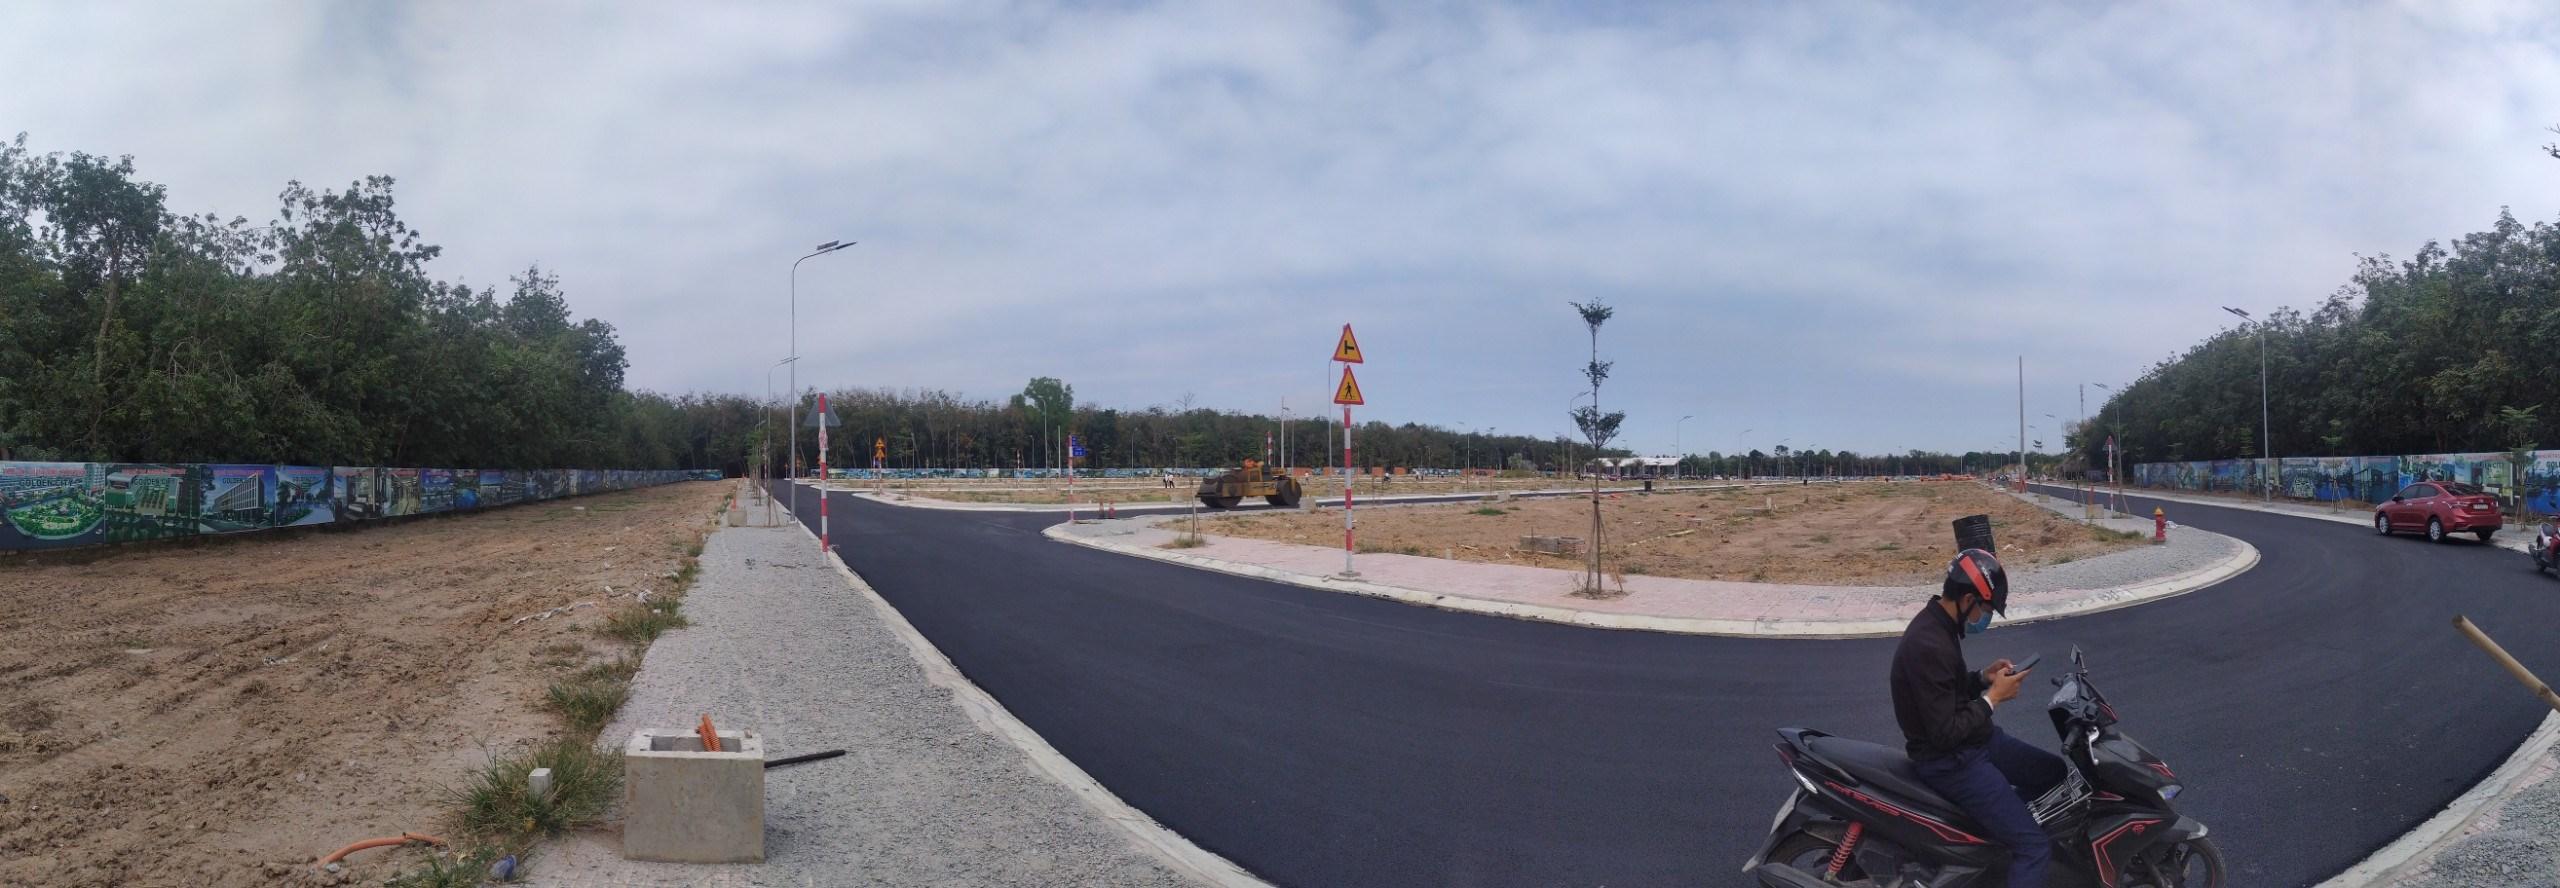 Bán đất nền phân lô Đường ĐT 741, Xã Chánh Phú Hòa, Thị xã Bến Cát